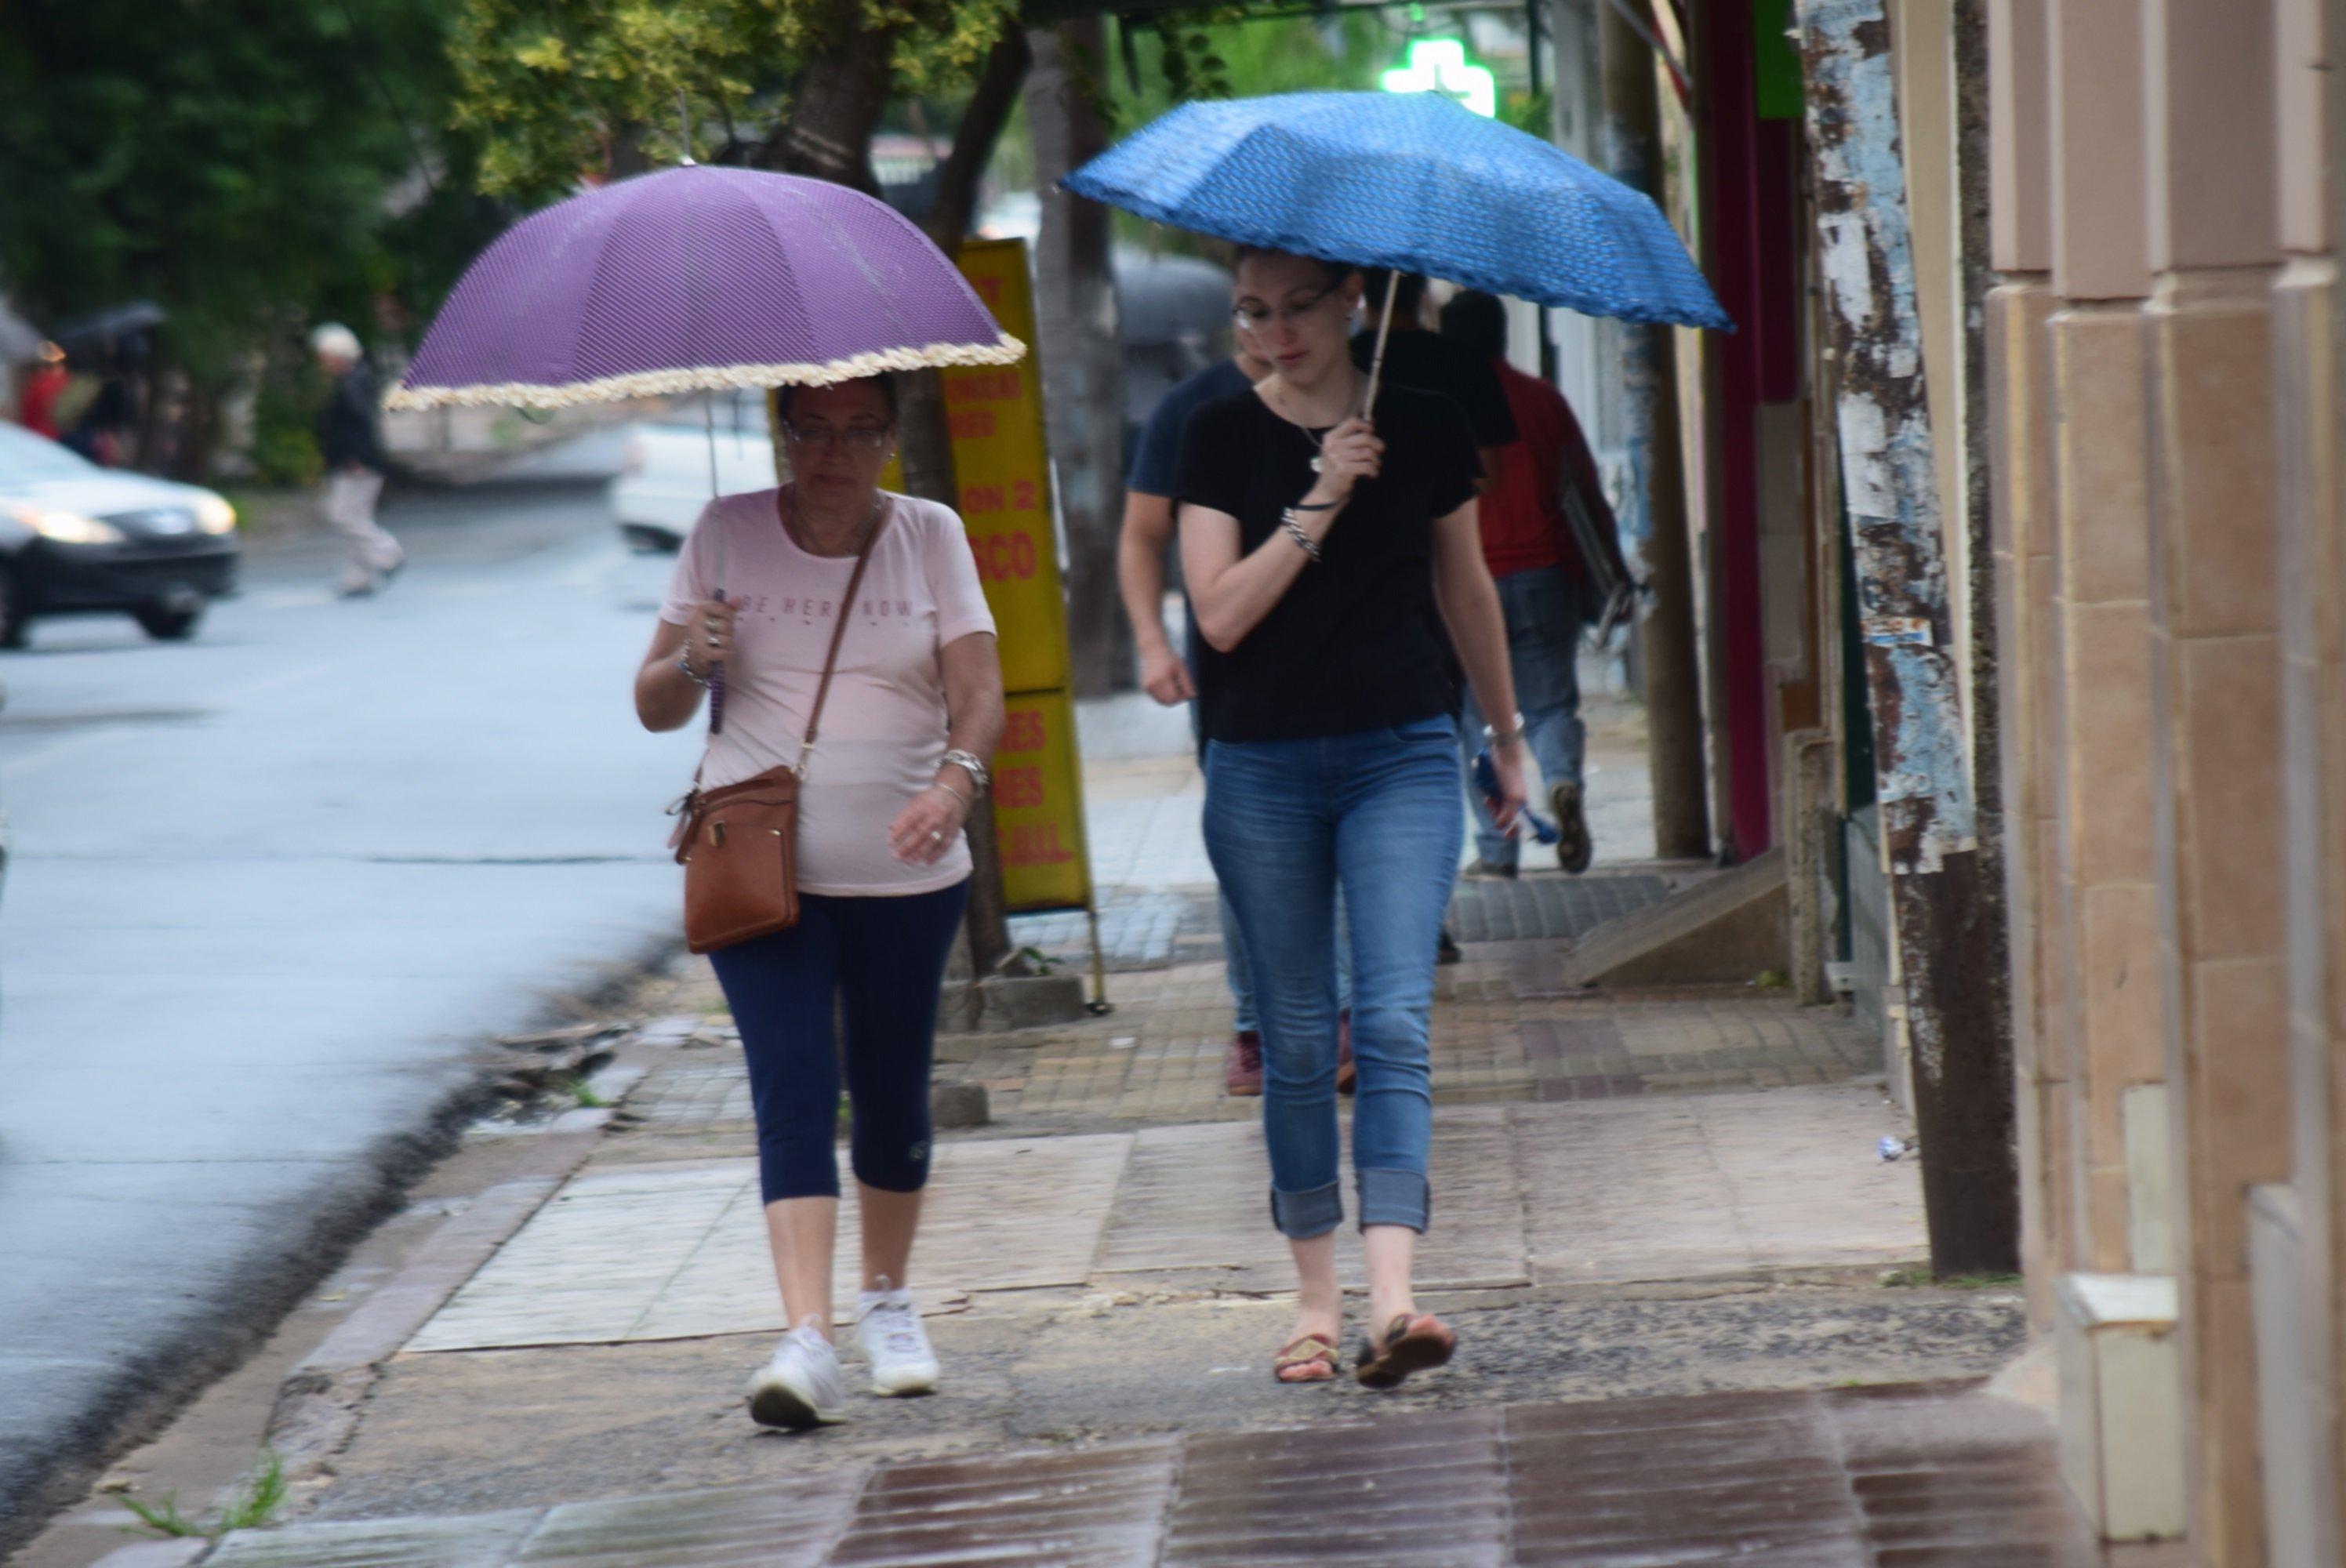 <p>Chaparrones. Las lluvias de ayer trajeron cierto alivio a la ciudadanía, tras jornadas intensas de calor.</p>